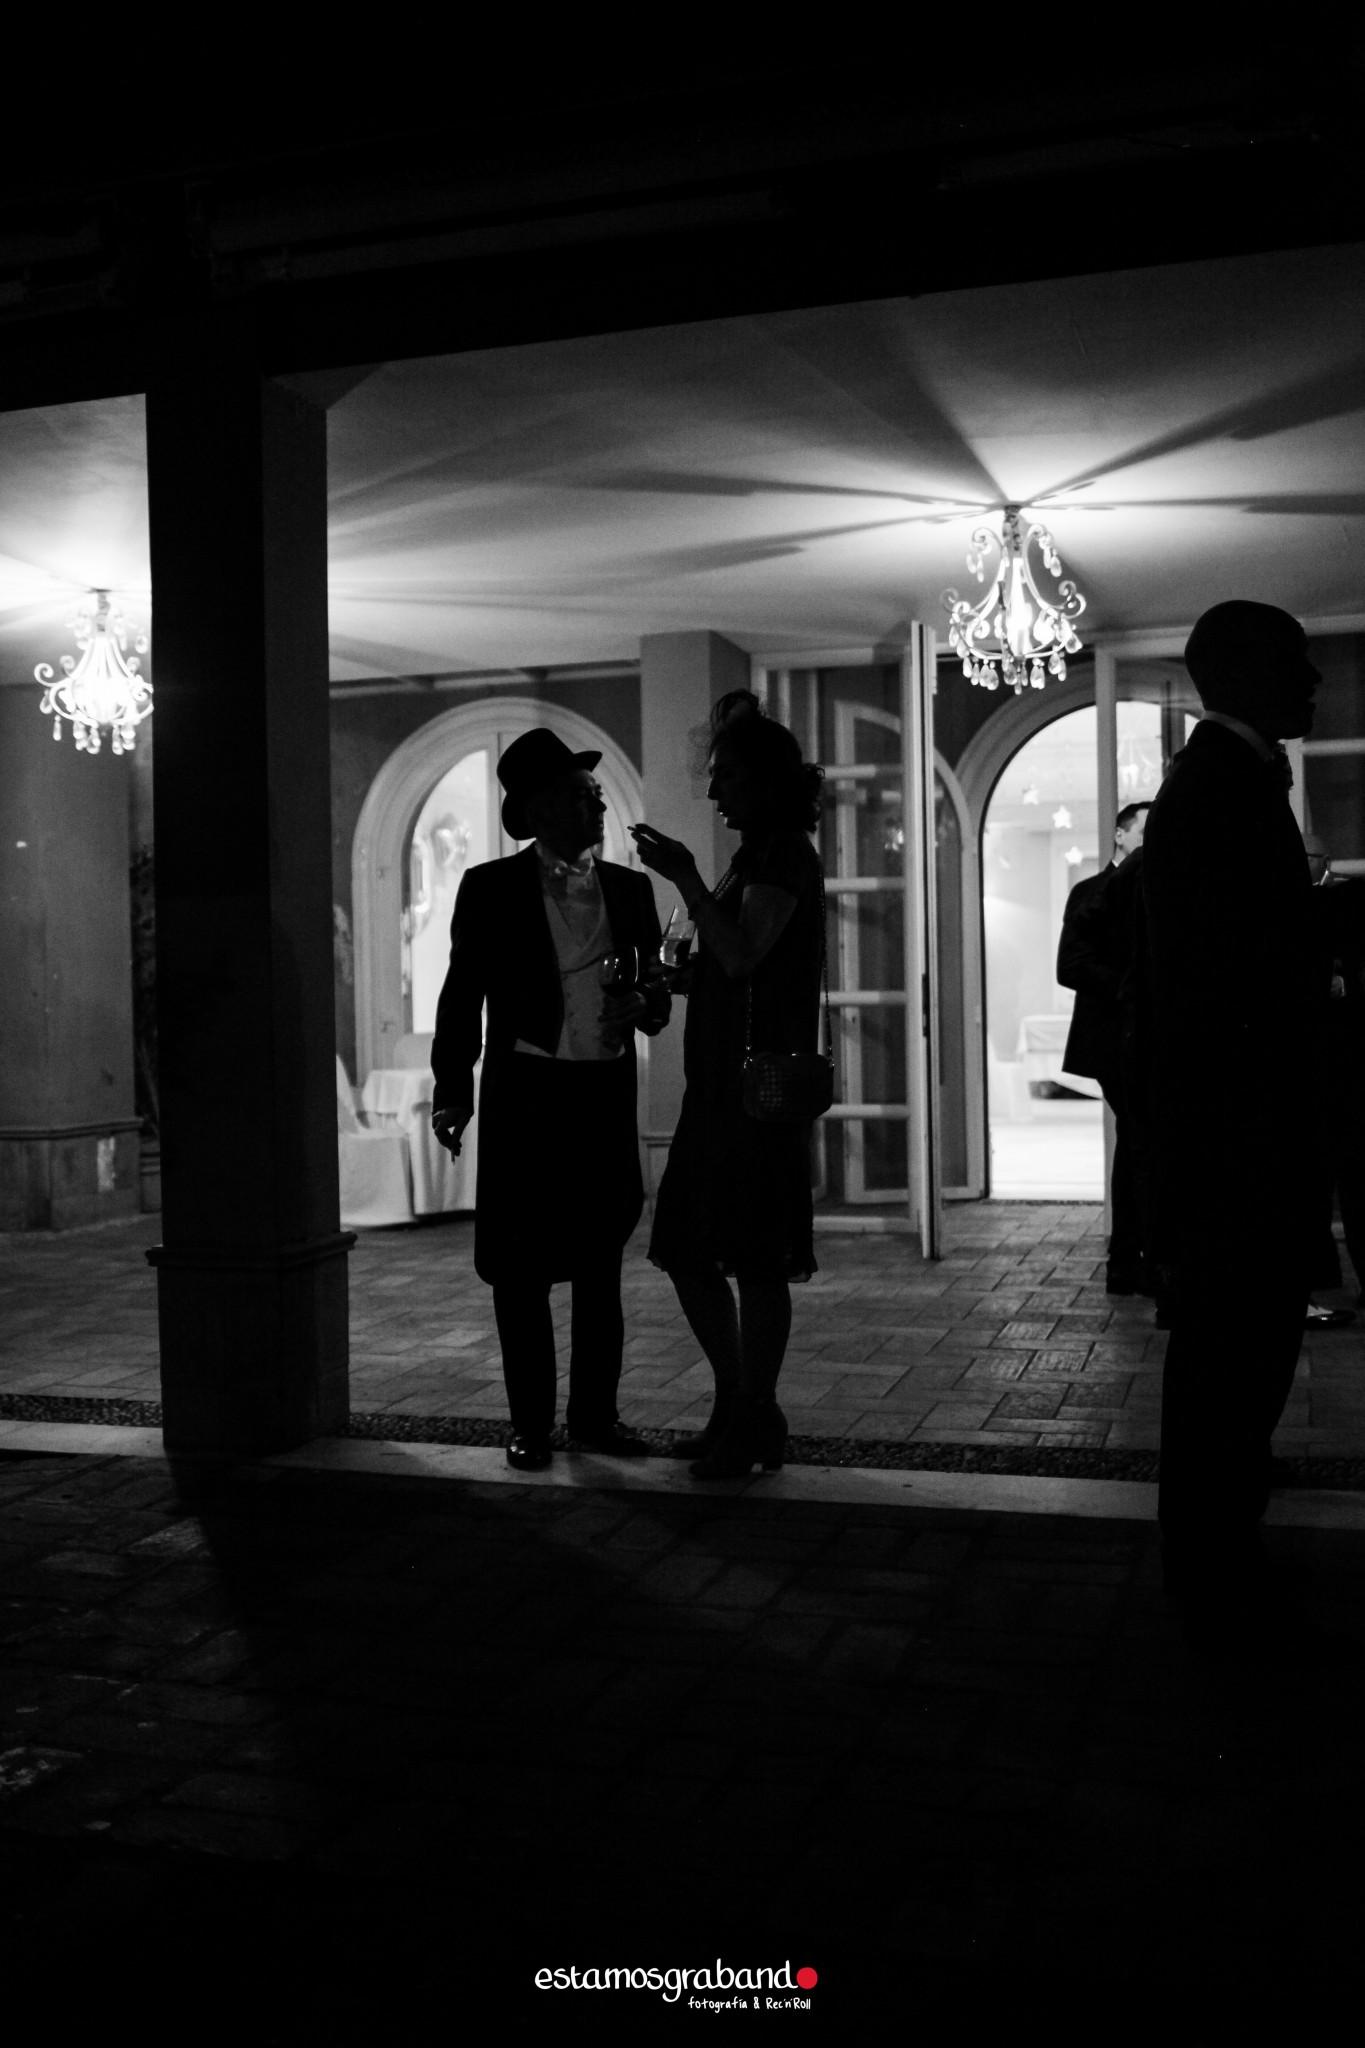 Años-20-BBTP-68-de-109 Los locos Años 20 [Fotografía en La Teta de Julieta, Cádiz] - video boda cadiz